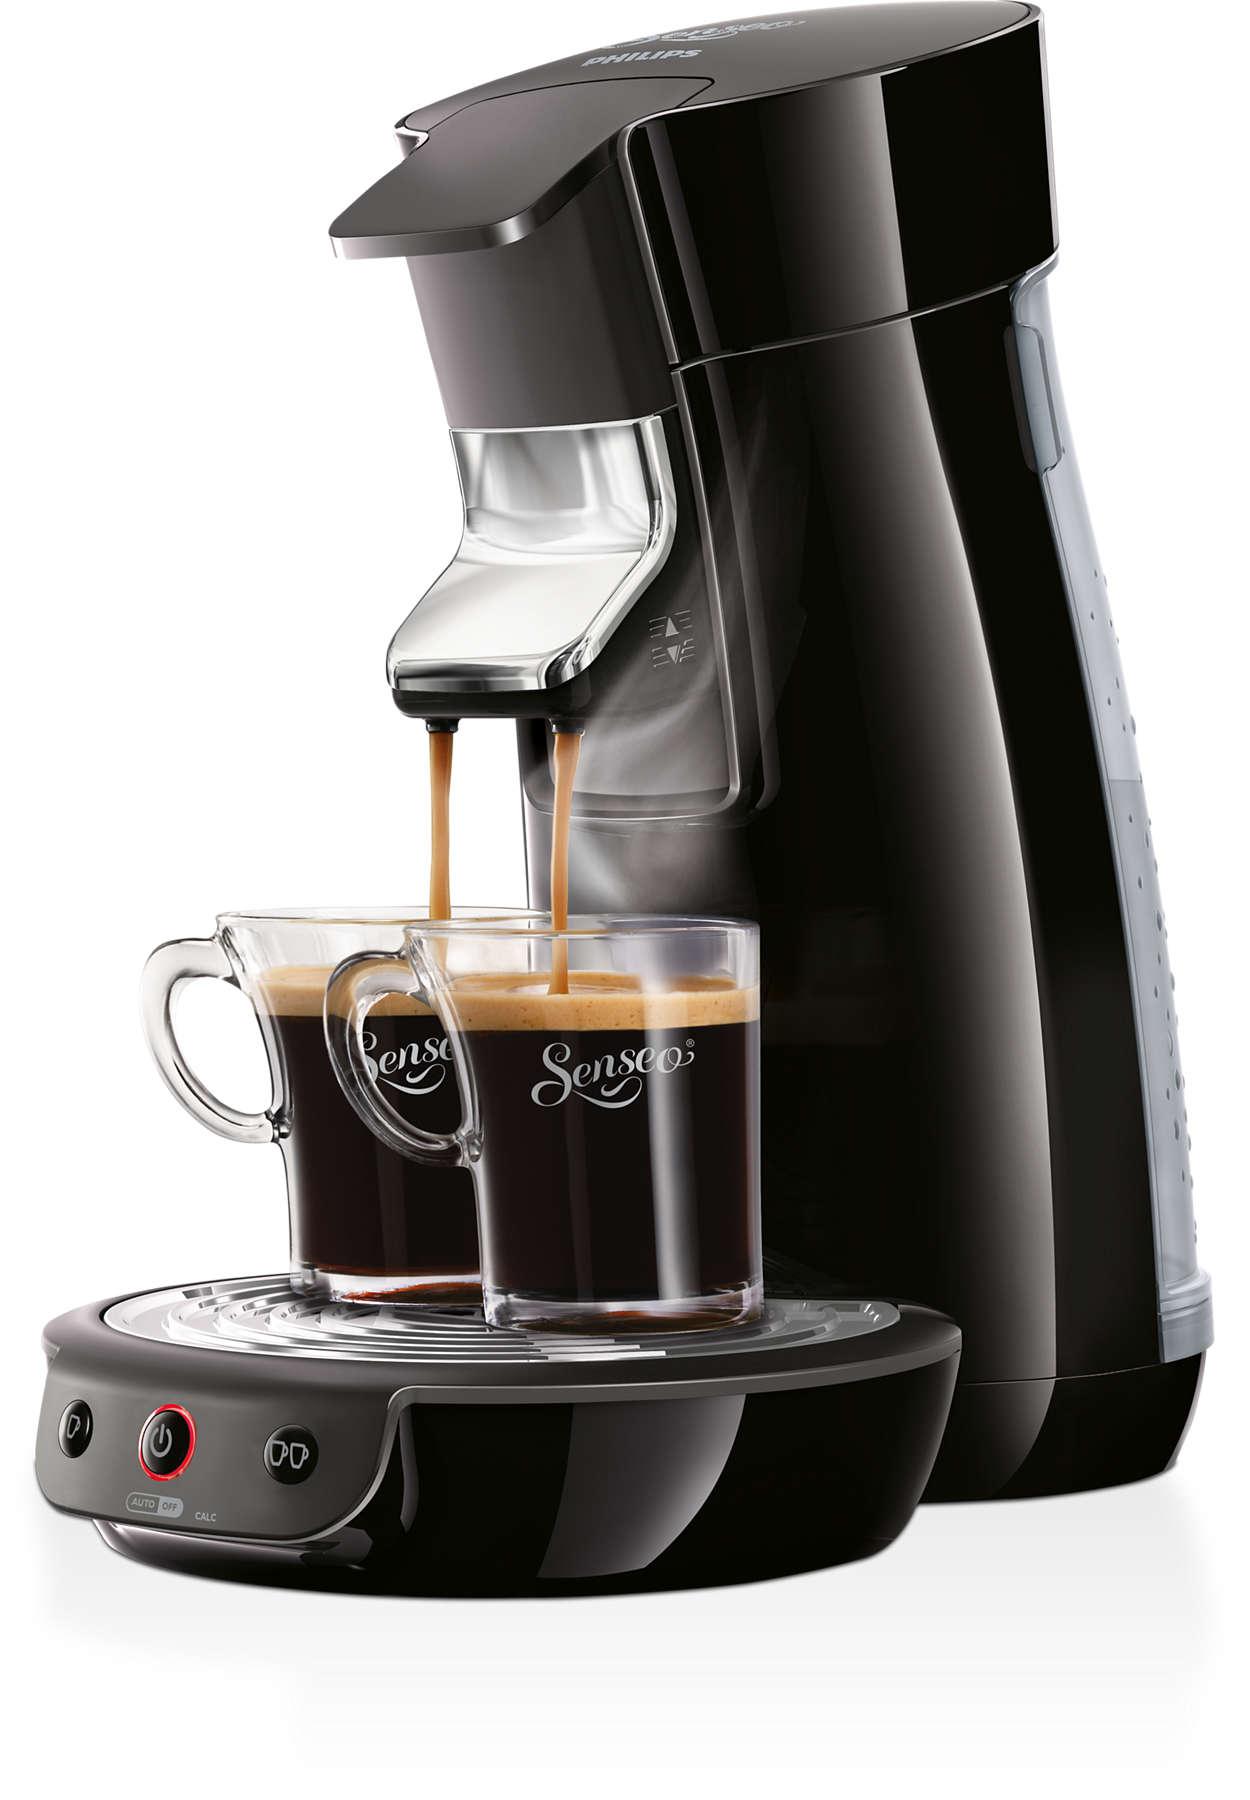 Lahodná káva pouhým stisknutím tlačítka